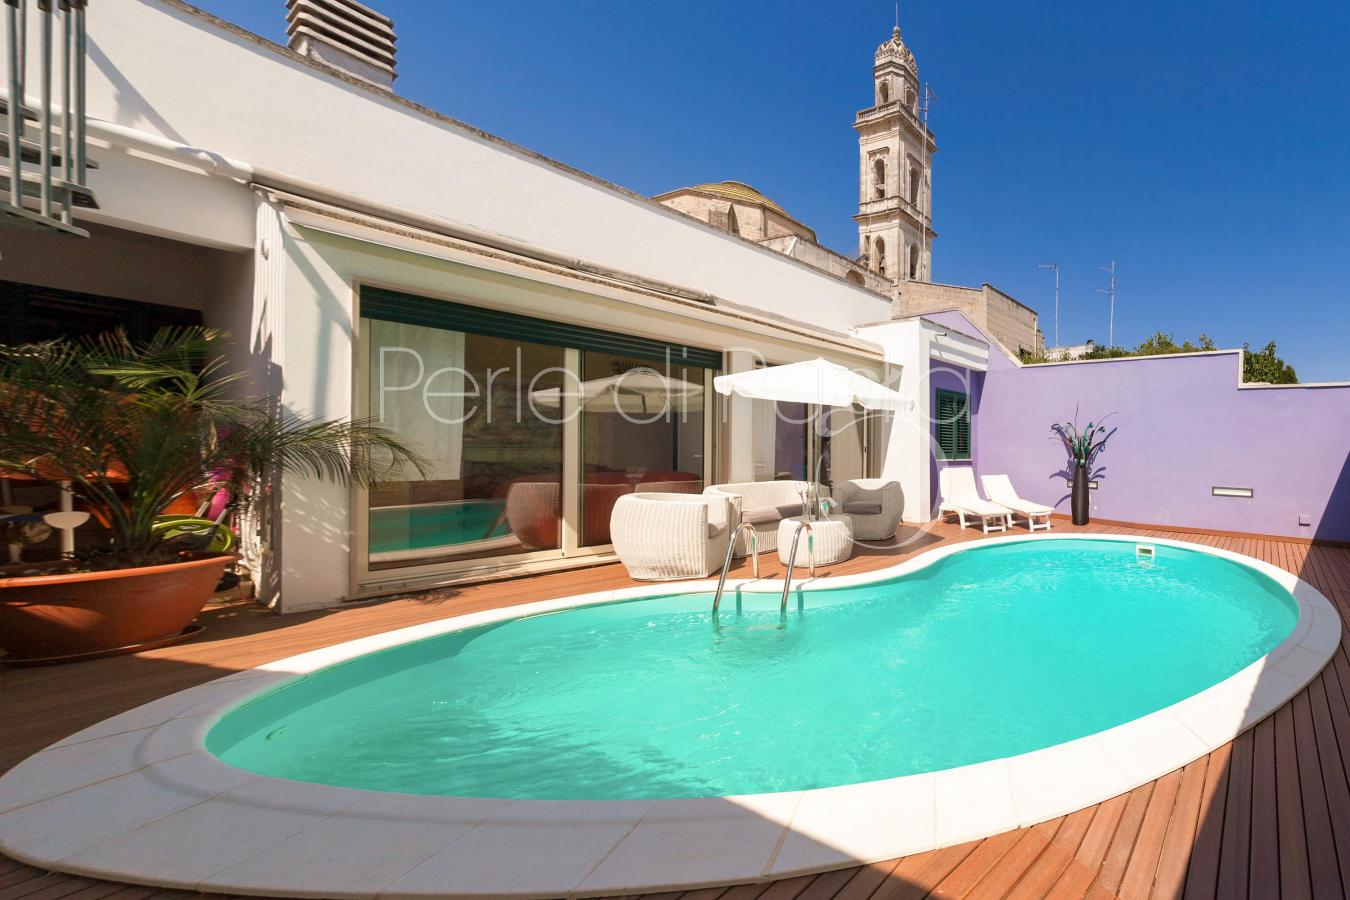 ville e casali - Otranto - Villa Zante